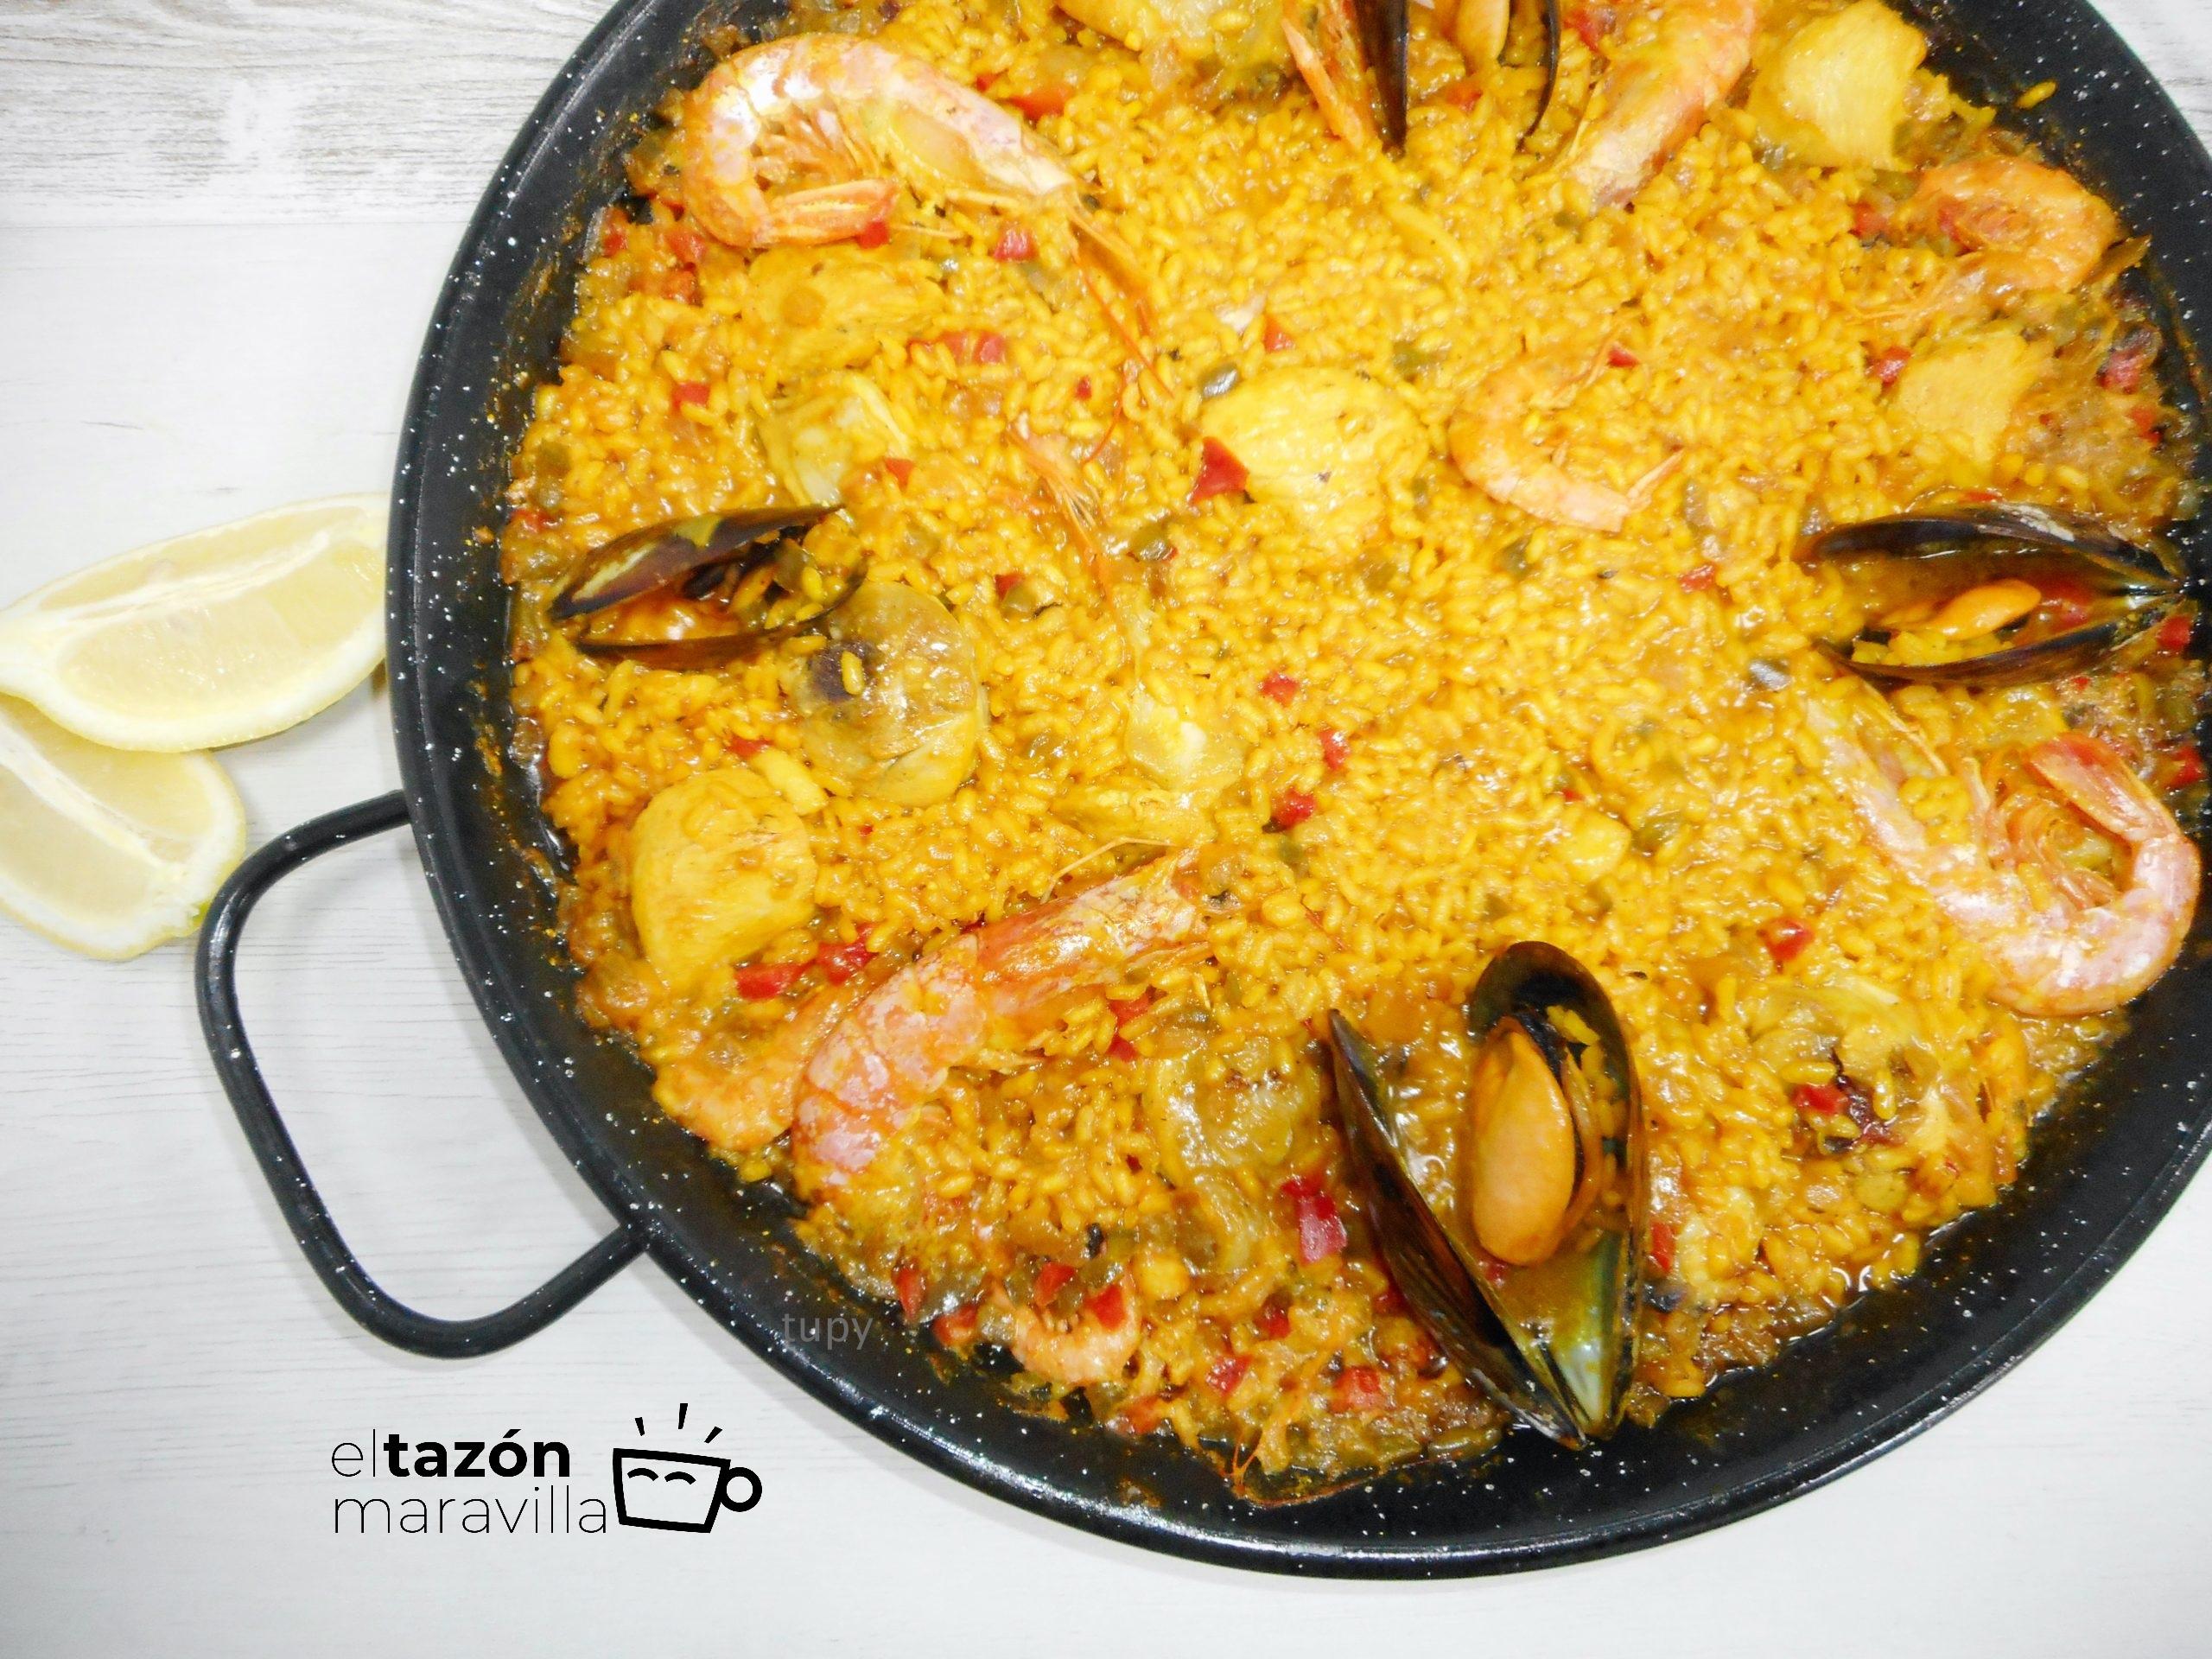 Parece que han gustado los arroces Tupy en Aranjuez - Recibimos felicitaciones por nuestro arroz - Tupy - Tupy Aranjuez - Comida casera a domicilio